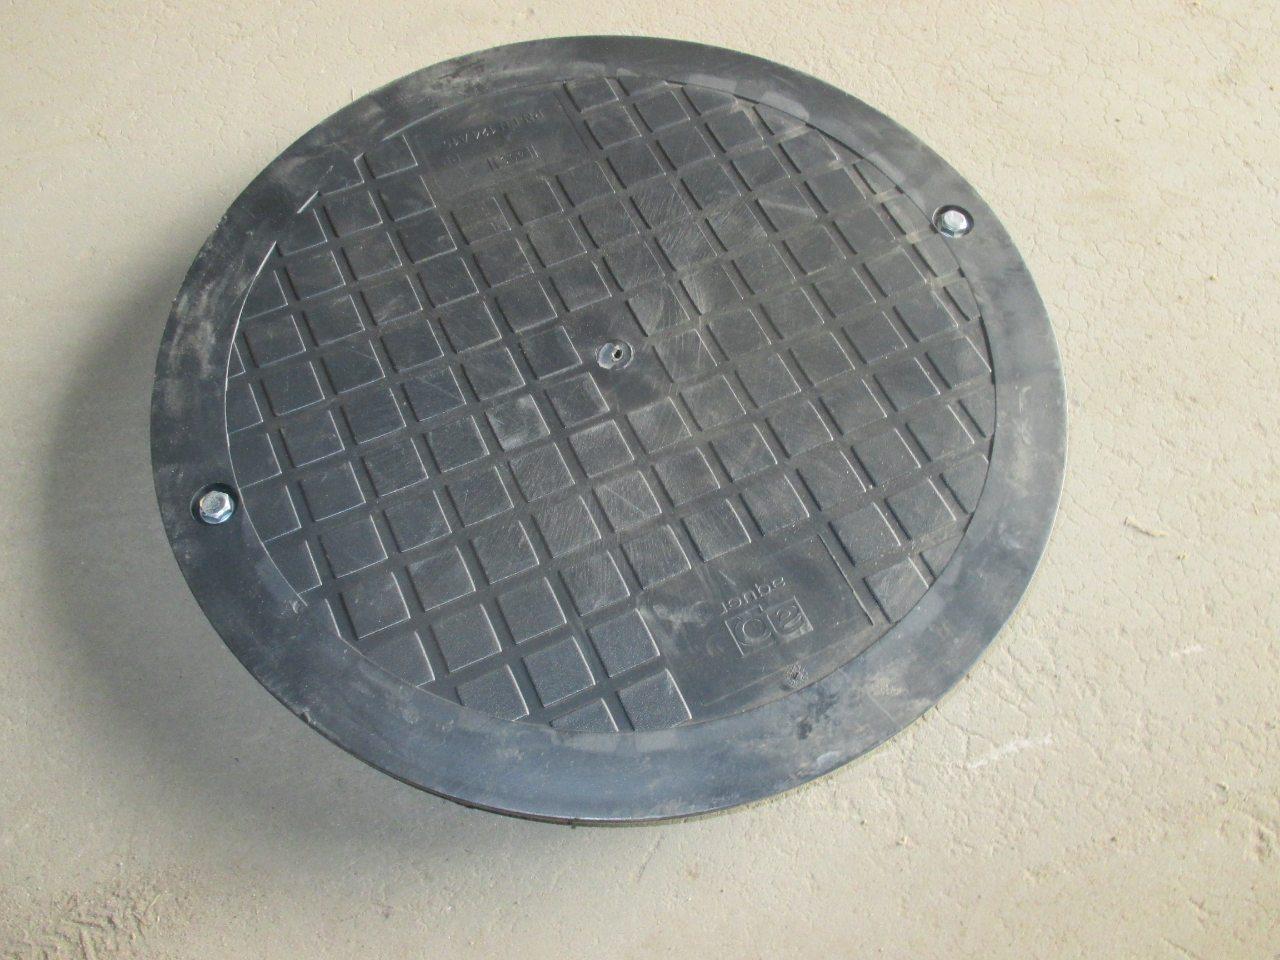 Крышка колодец из полипропилена D425, H48 для сада